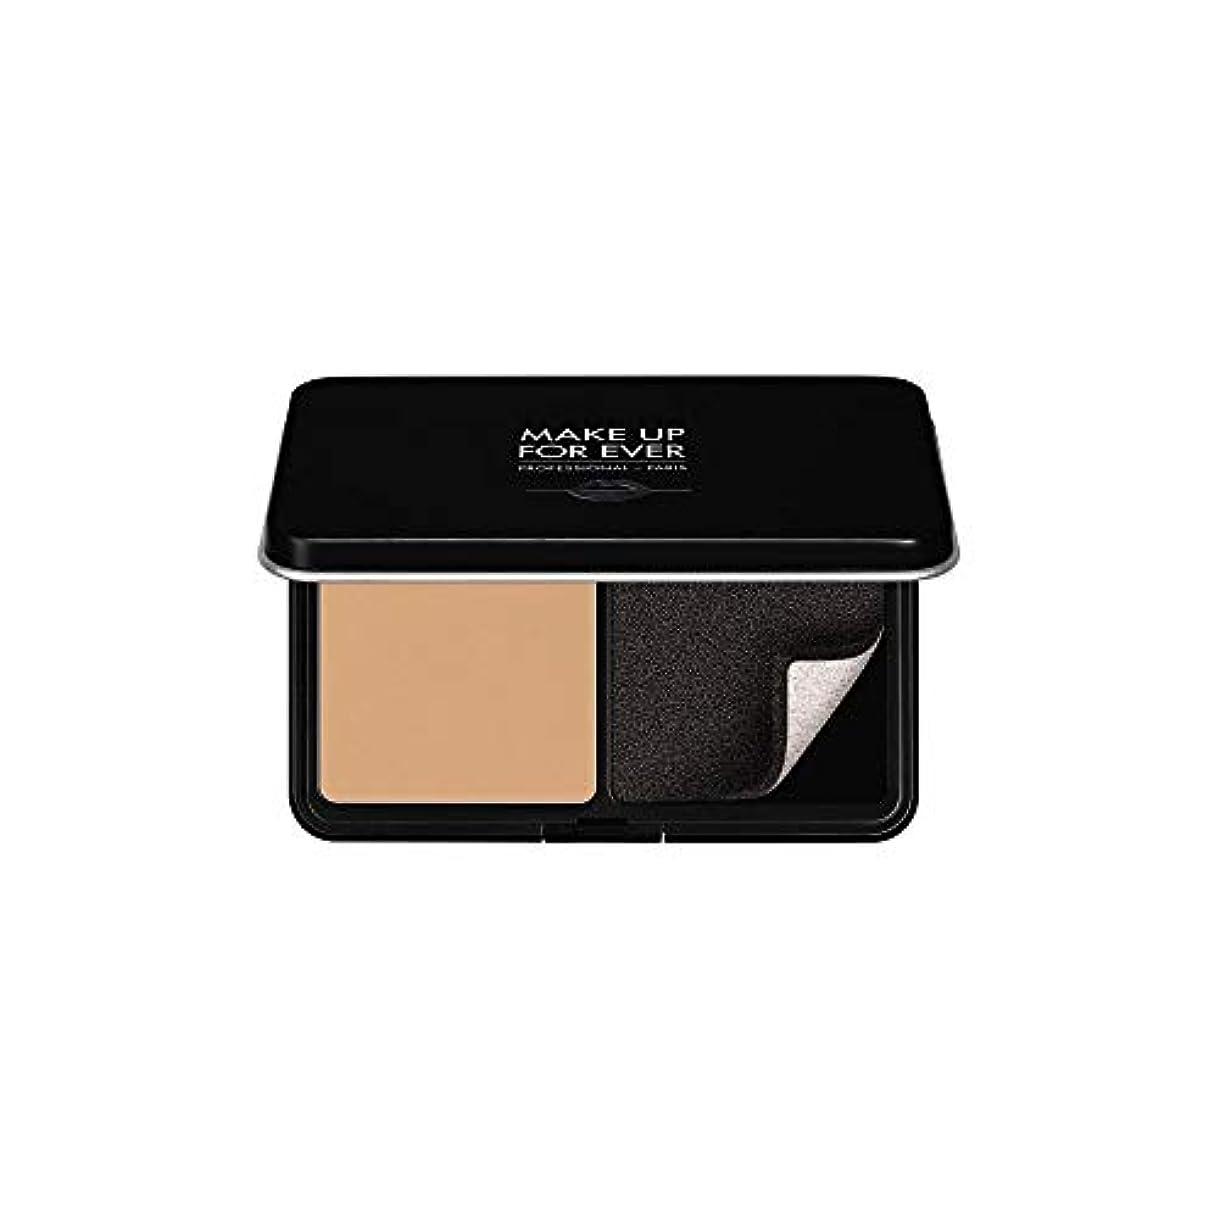 窓判決誓いメイクアップフォーエバー Matte Velvet Skin Blurring Powder Foundation - # Y355 (Neutral Beige) 11g/0.38oz並行輸入品